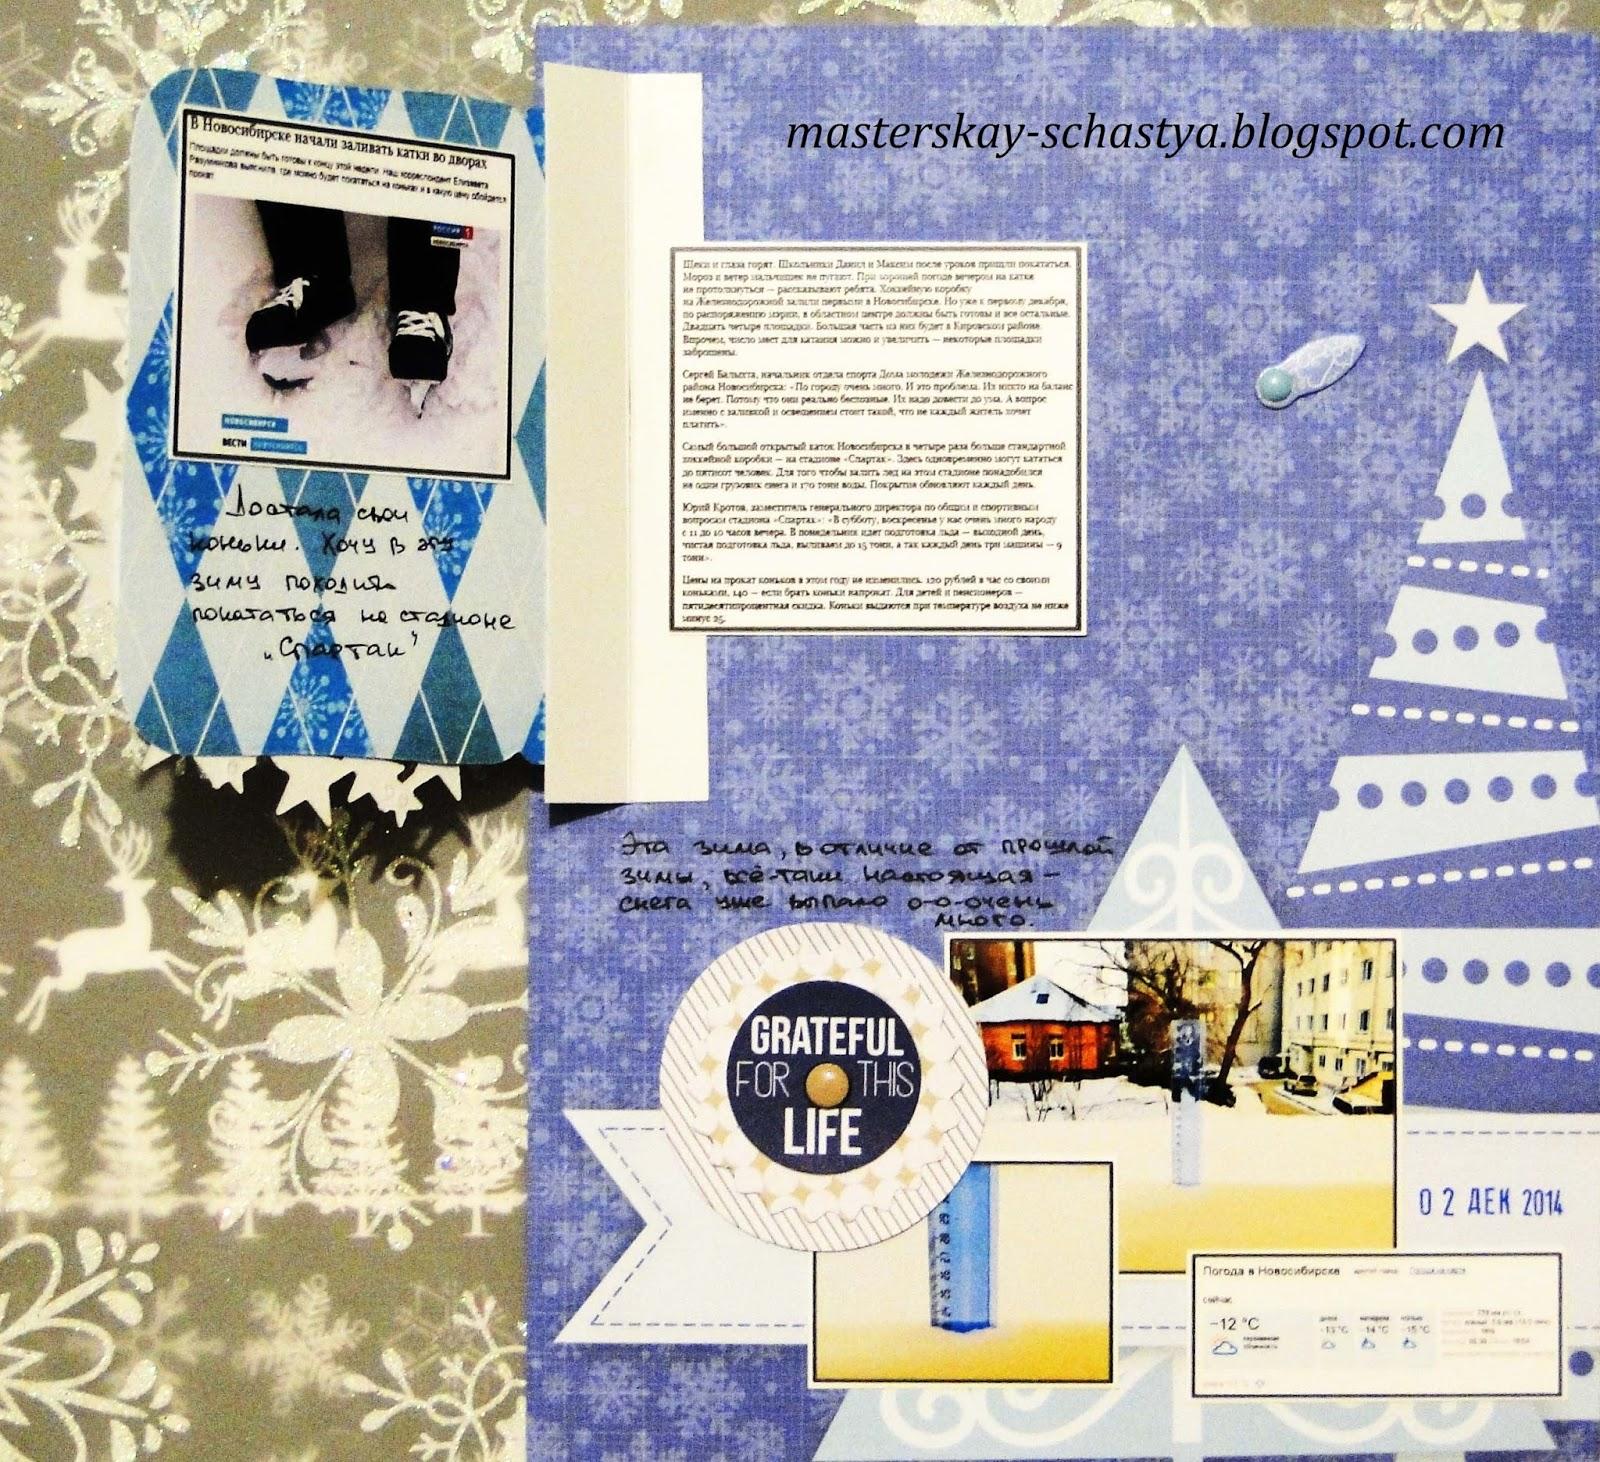 http://masterskay-schastya.blogspot.com/2014/12/december-daily-2014-2.html